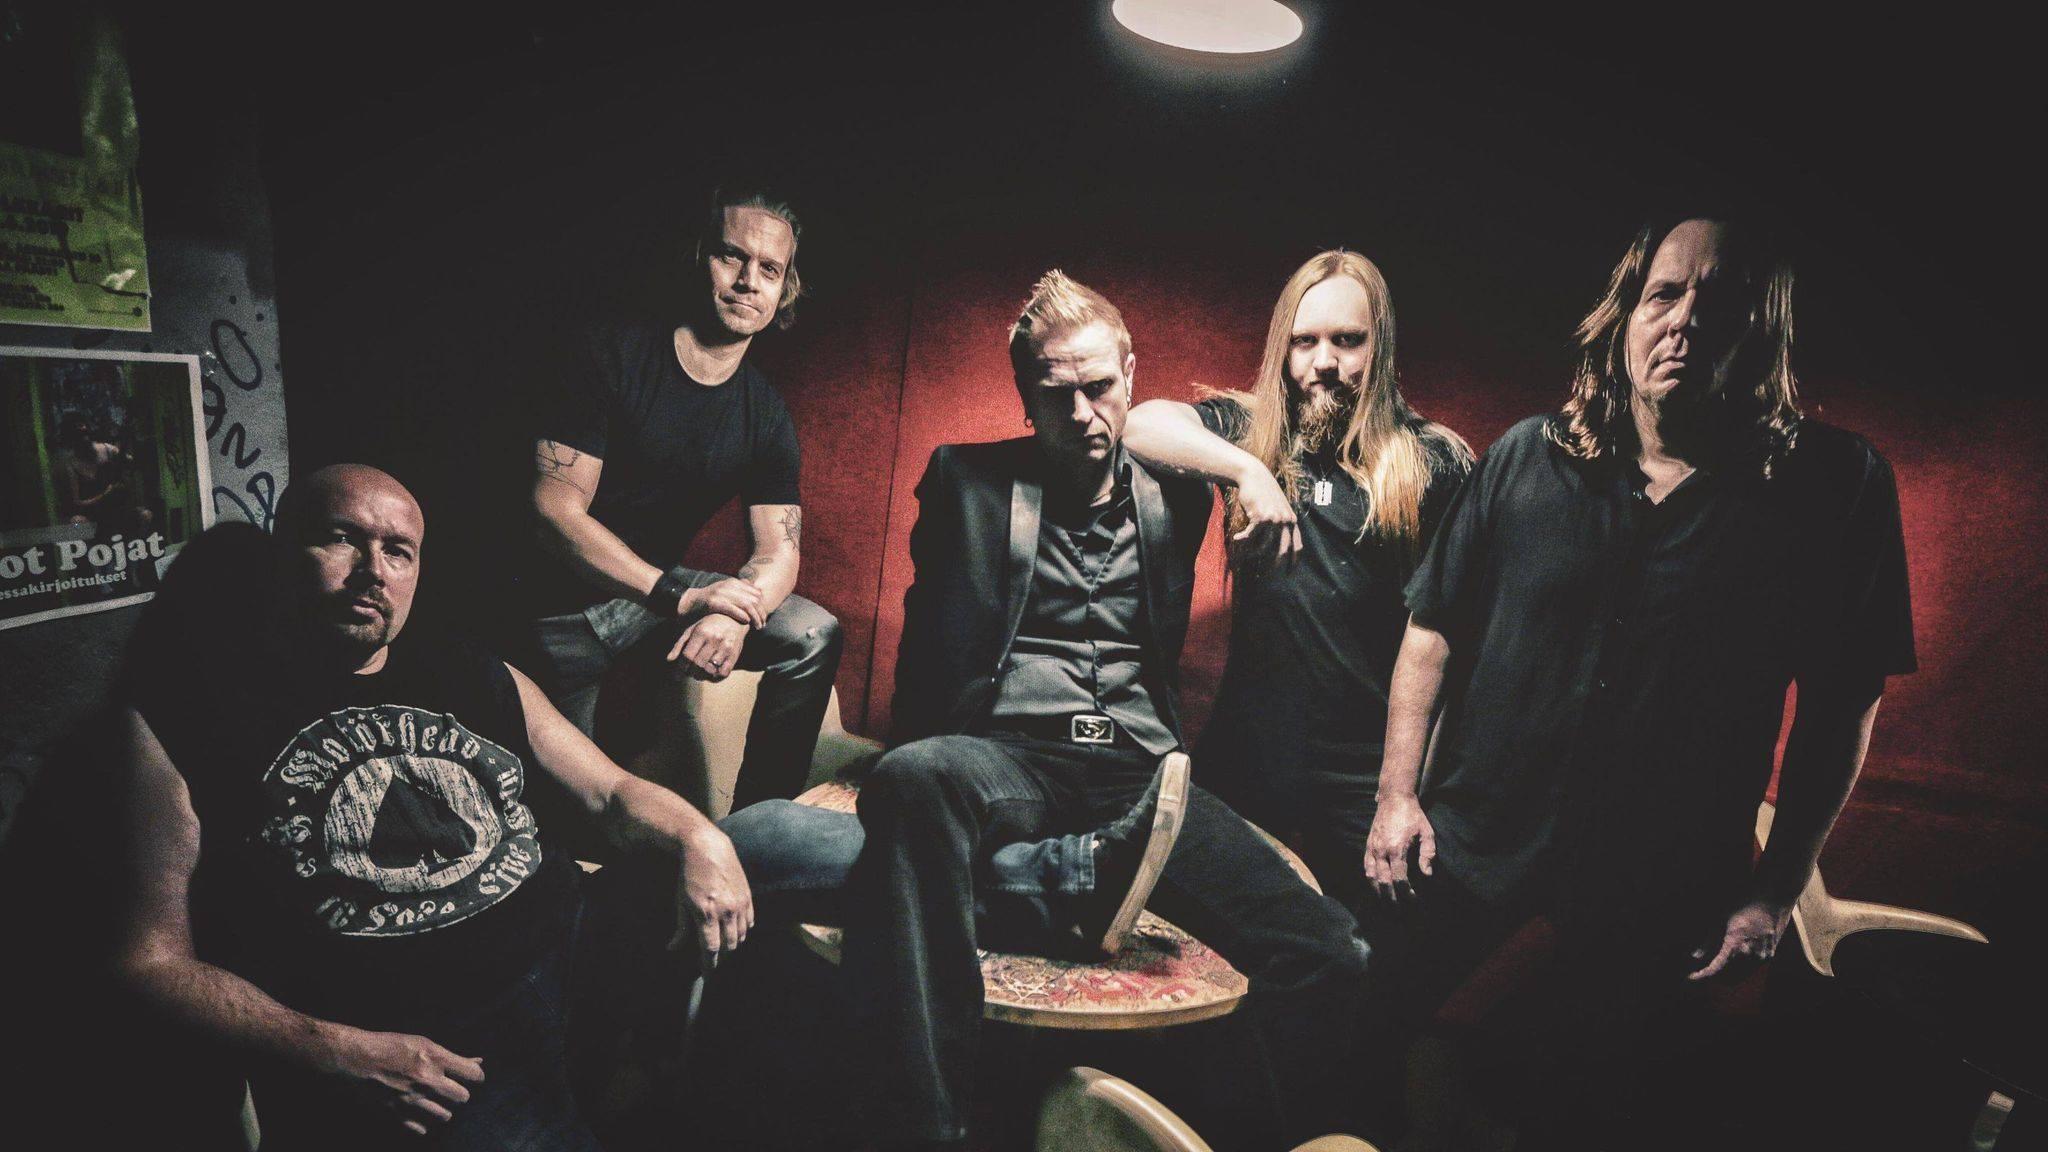 Oululainen Solution 13 julkaisi uuden lyriikkavideon tulevalta levyltään